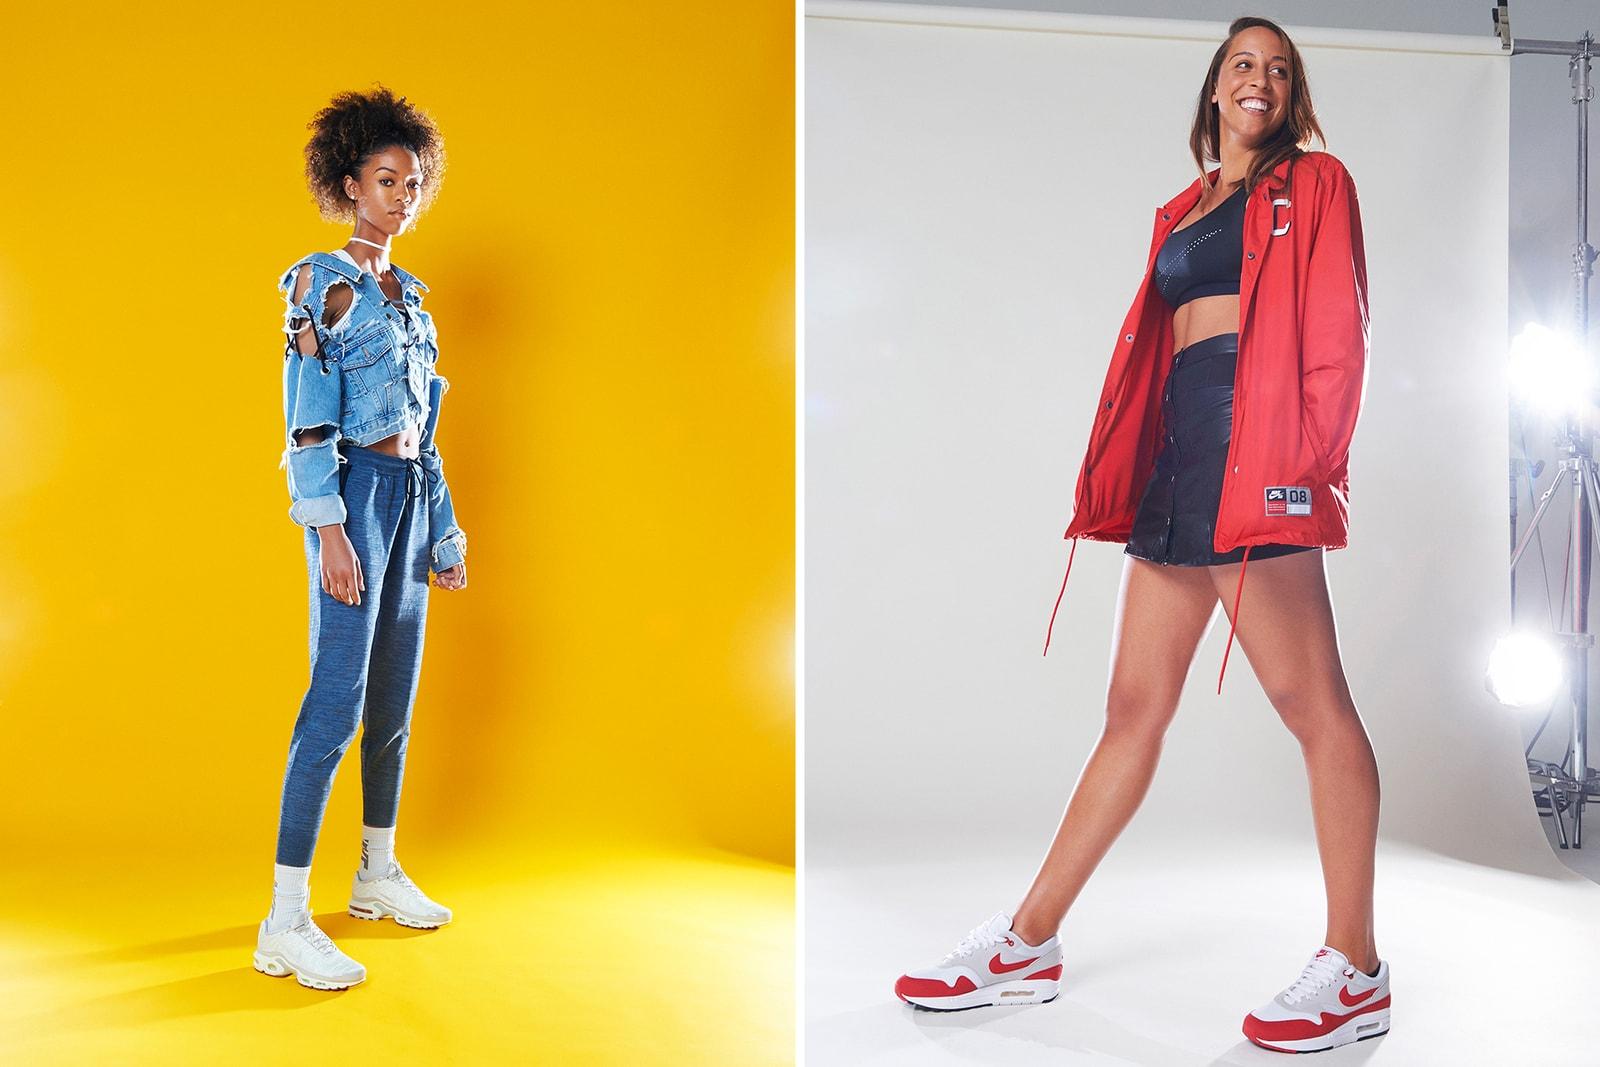 Nike Air Max Day Vashti Cunningham Madison Keys